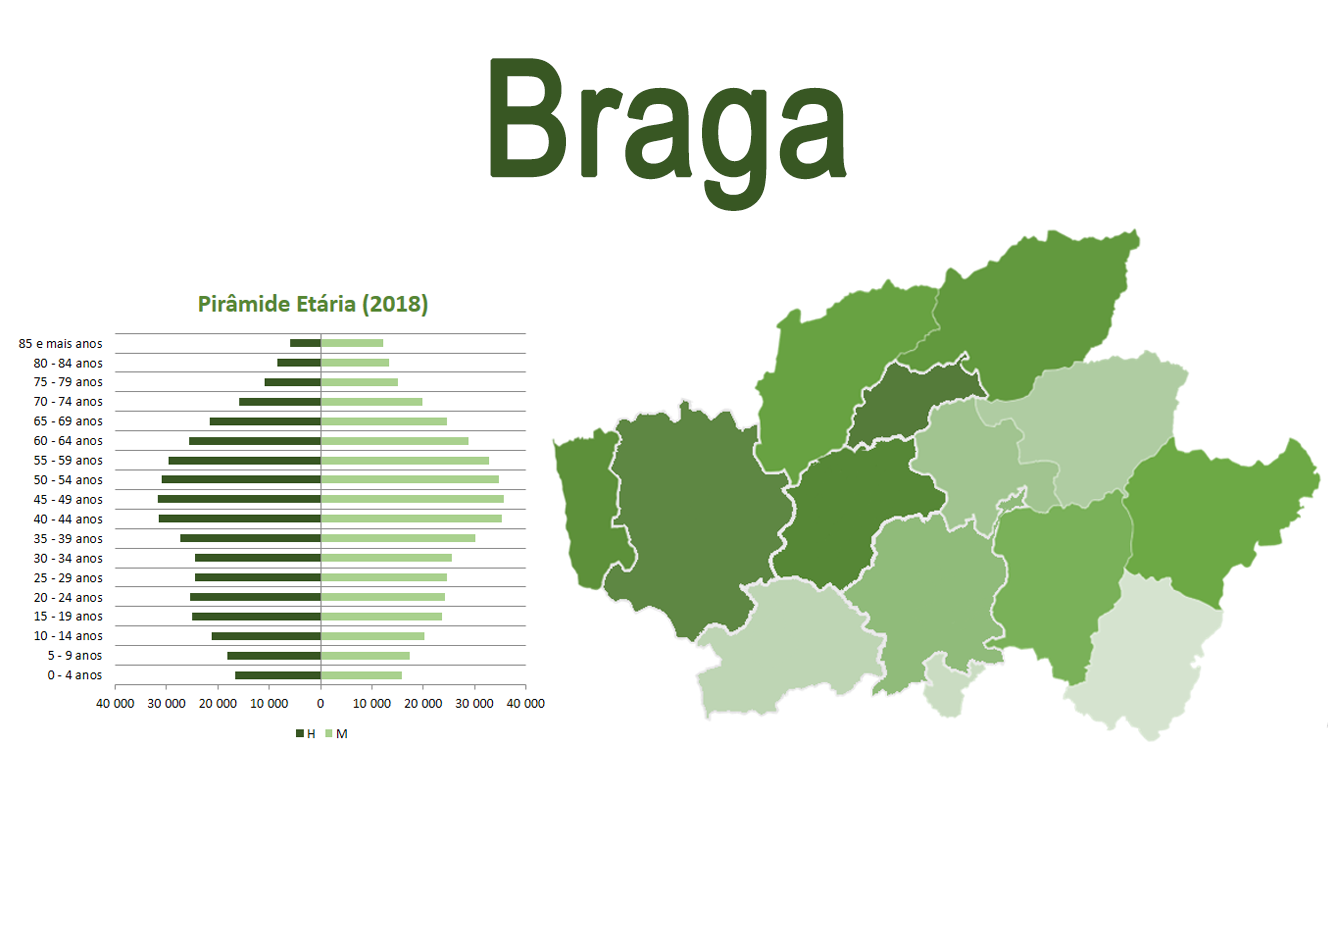 Mapa e Pirâmide etária para o distrito de Braga